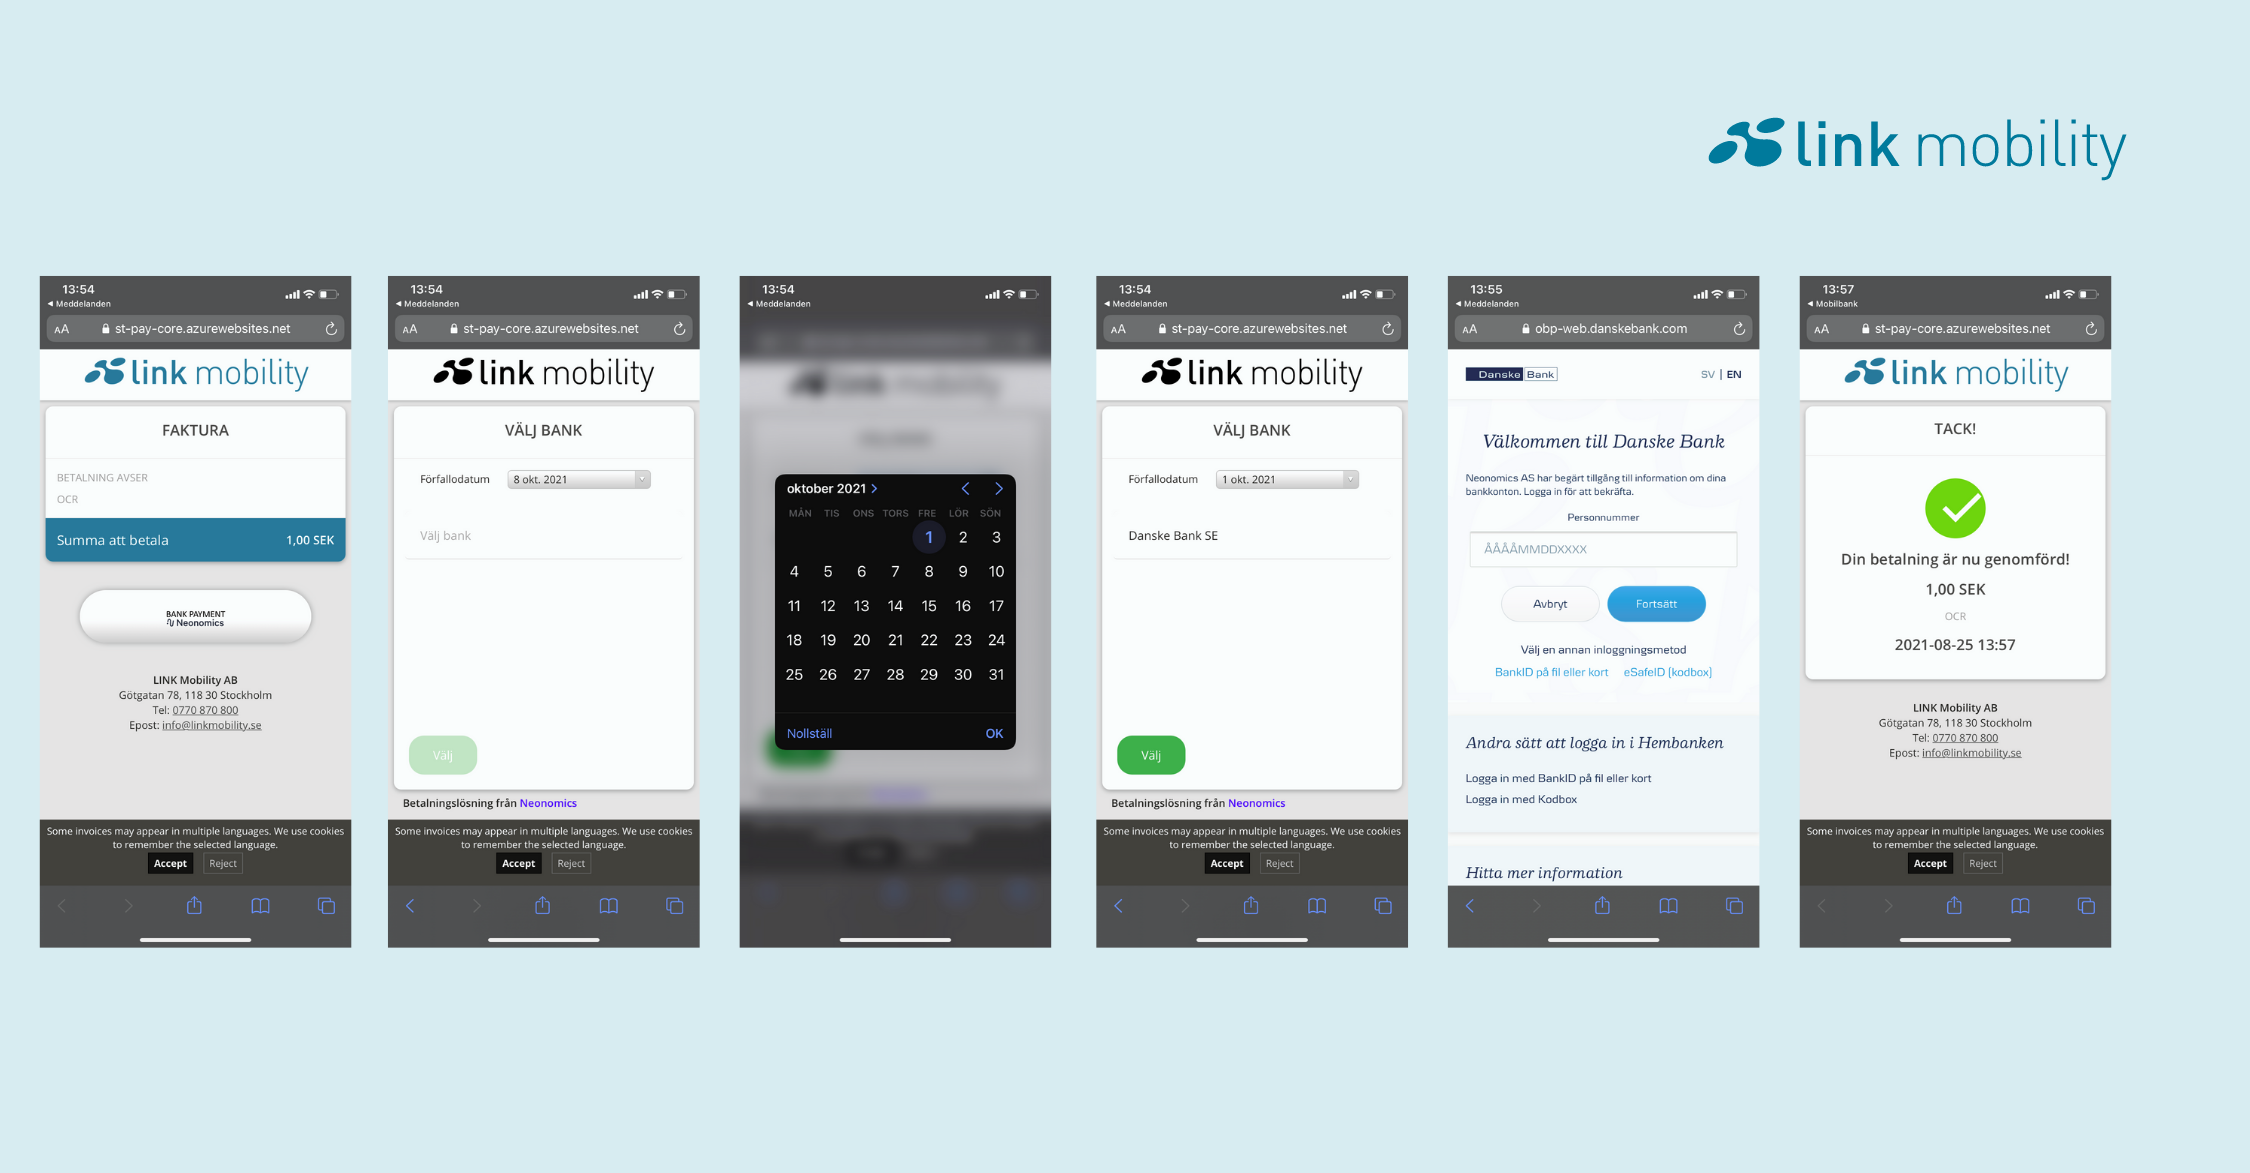 mobilfaktura prosessoversikt